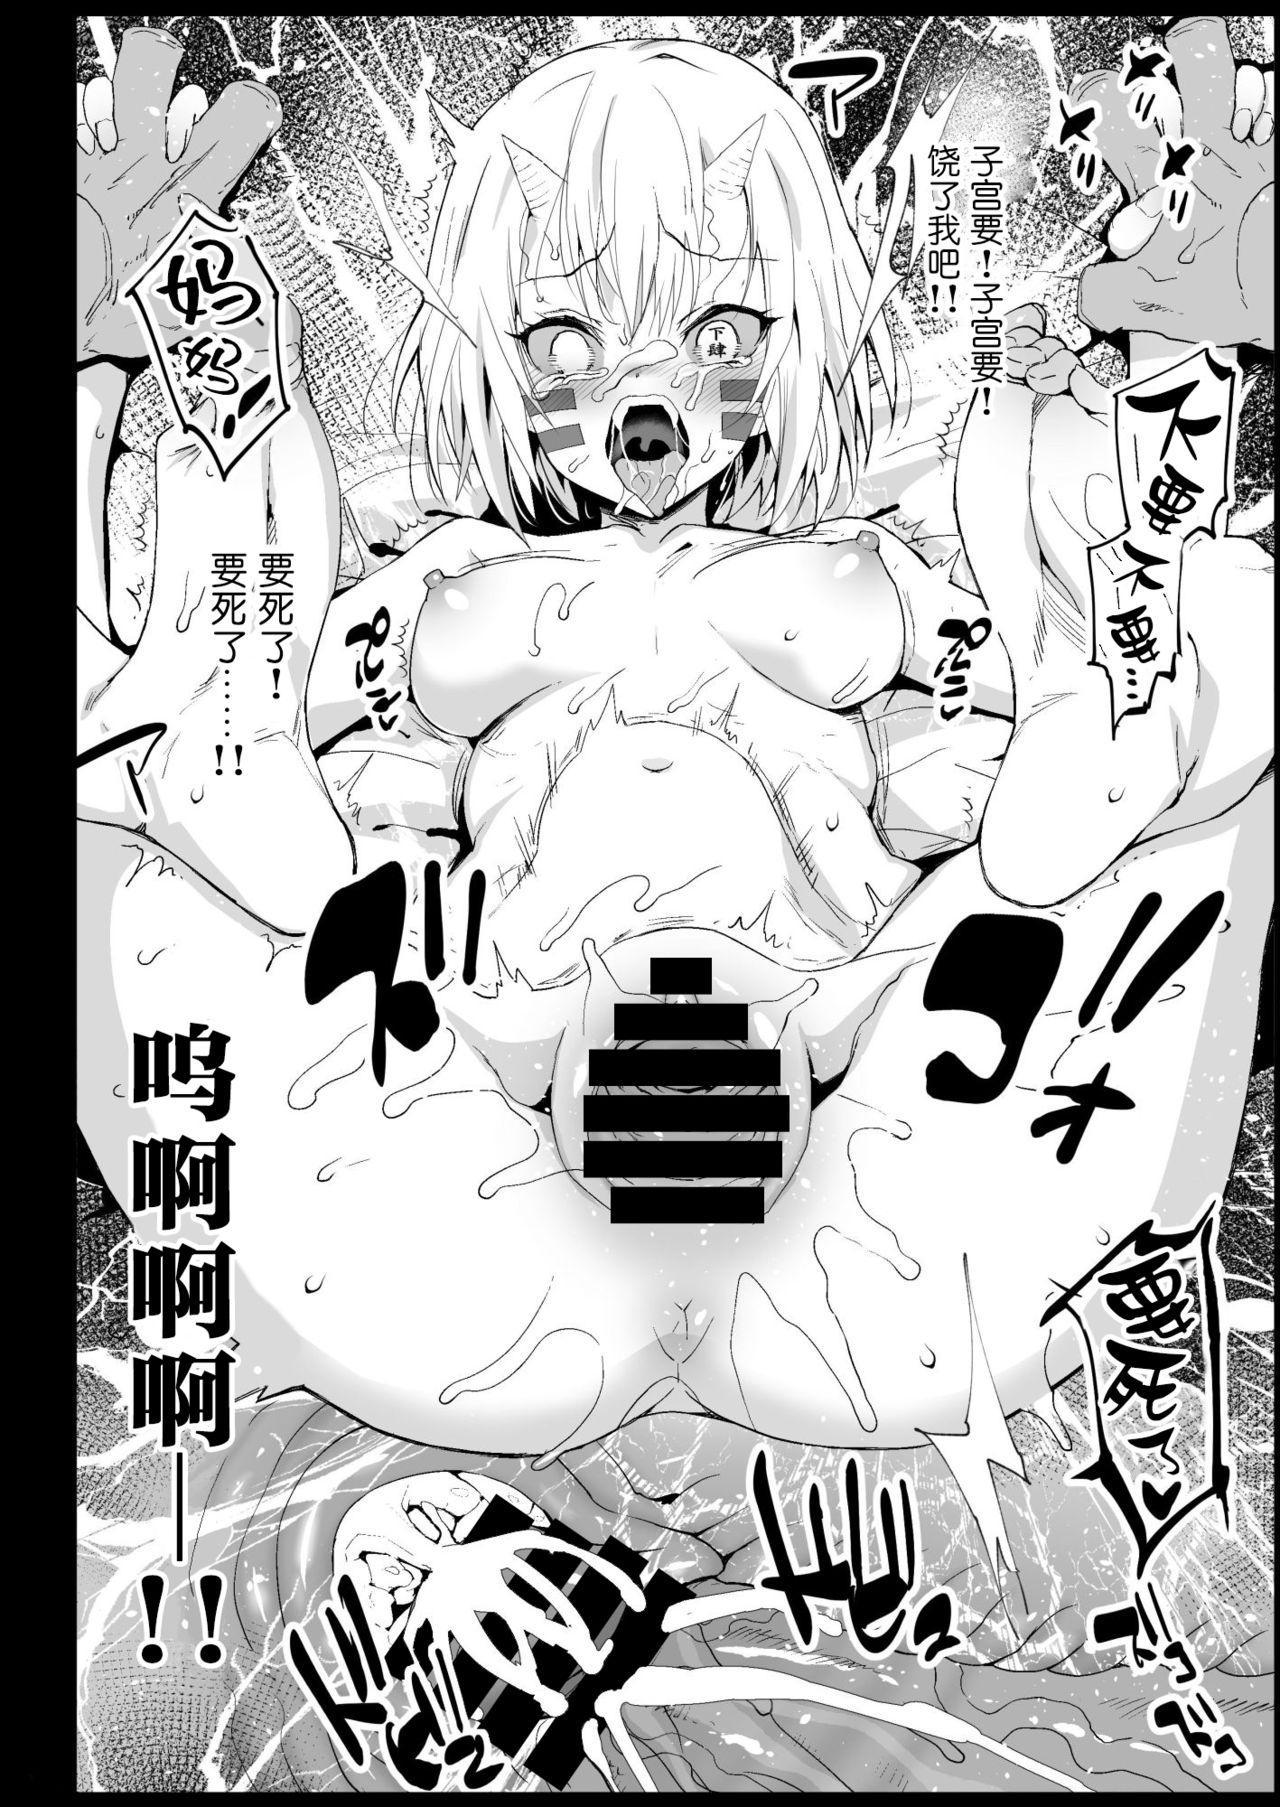 [Eromazun (Ma-kurou)] Kochou Shinobu Kan ~Neteiru Aida ni Ossan Oni ni Okasareru~ - RAPE OF DEMON SLAYER 2 (Kimetsu no Yaiba) [Chinese] [这很恶堕汉化组] [Digital] 38